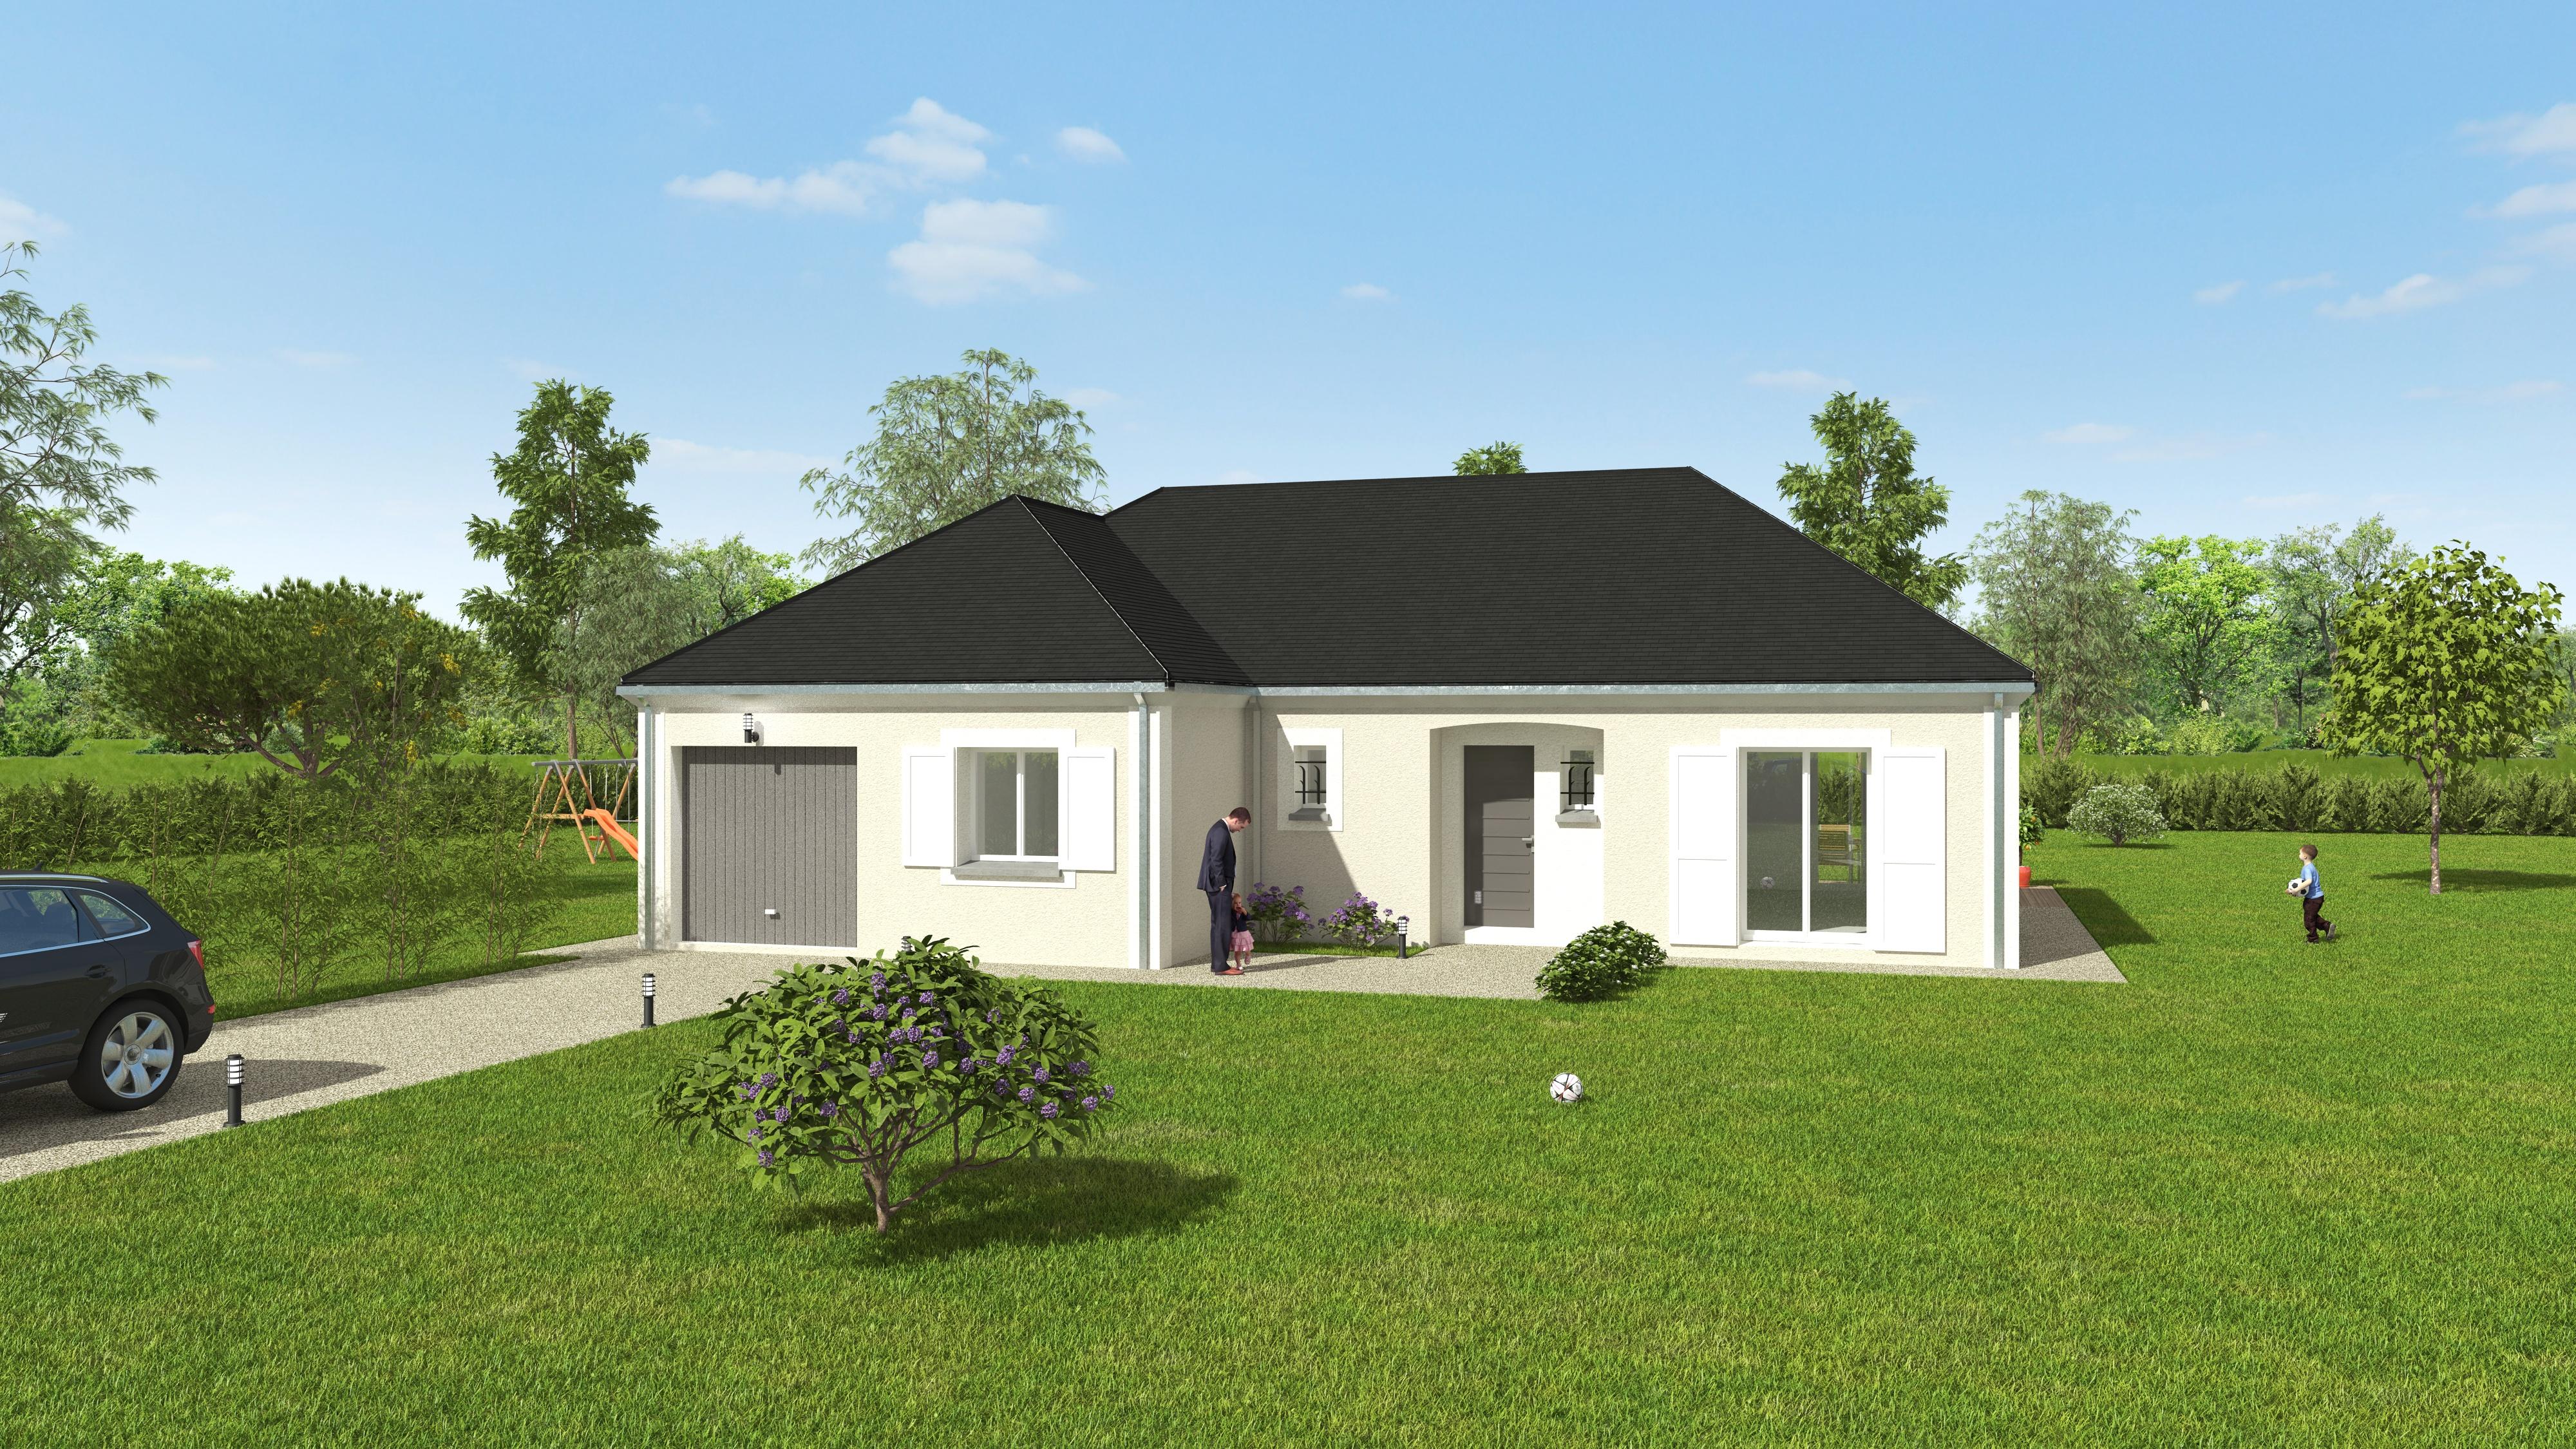 Maisons du constructeur GROUPE DIOGO FERNANDES • 102 m² • BAZOCHES SUR GUYONNE